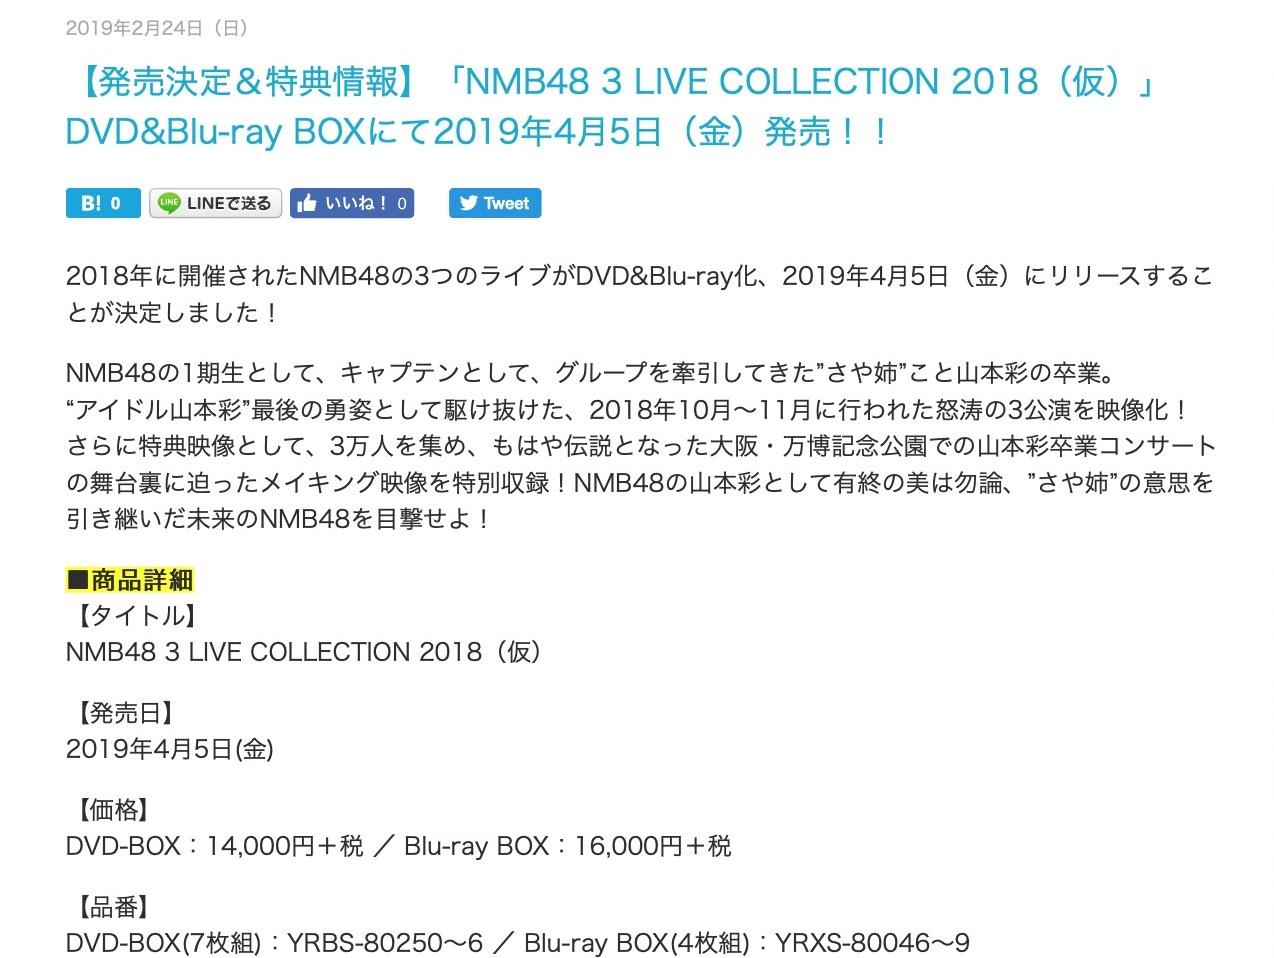 【NMB48】4月5日に2018年開催の3ライブを収録した「NMB48 3 LIVE COLLECTION 2018(仮)」の発売が決定。